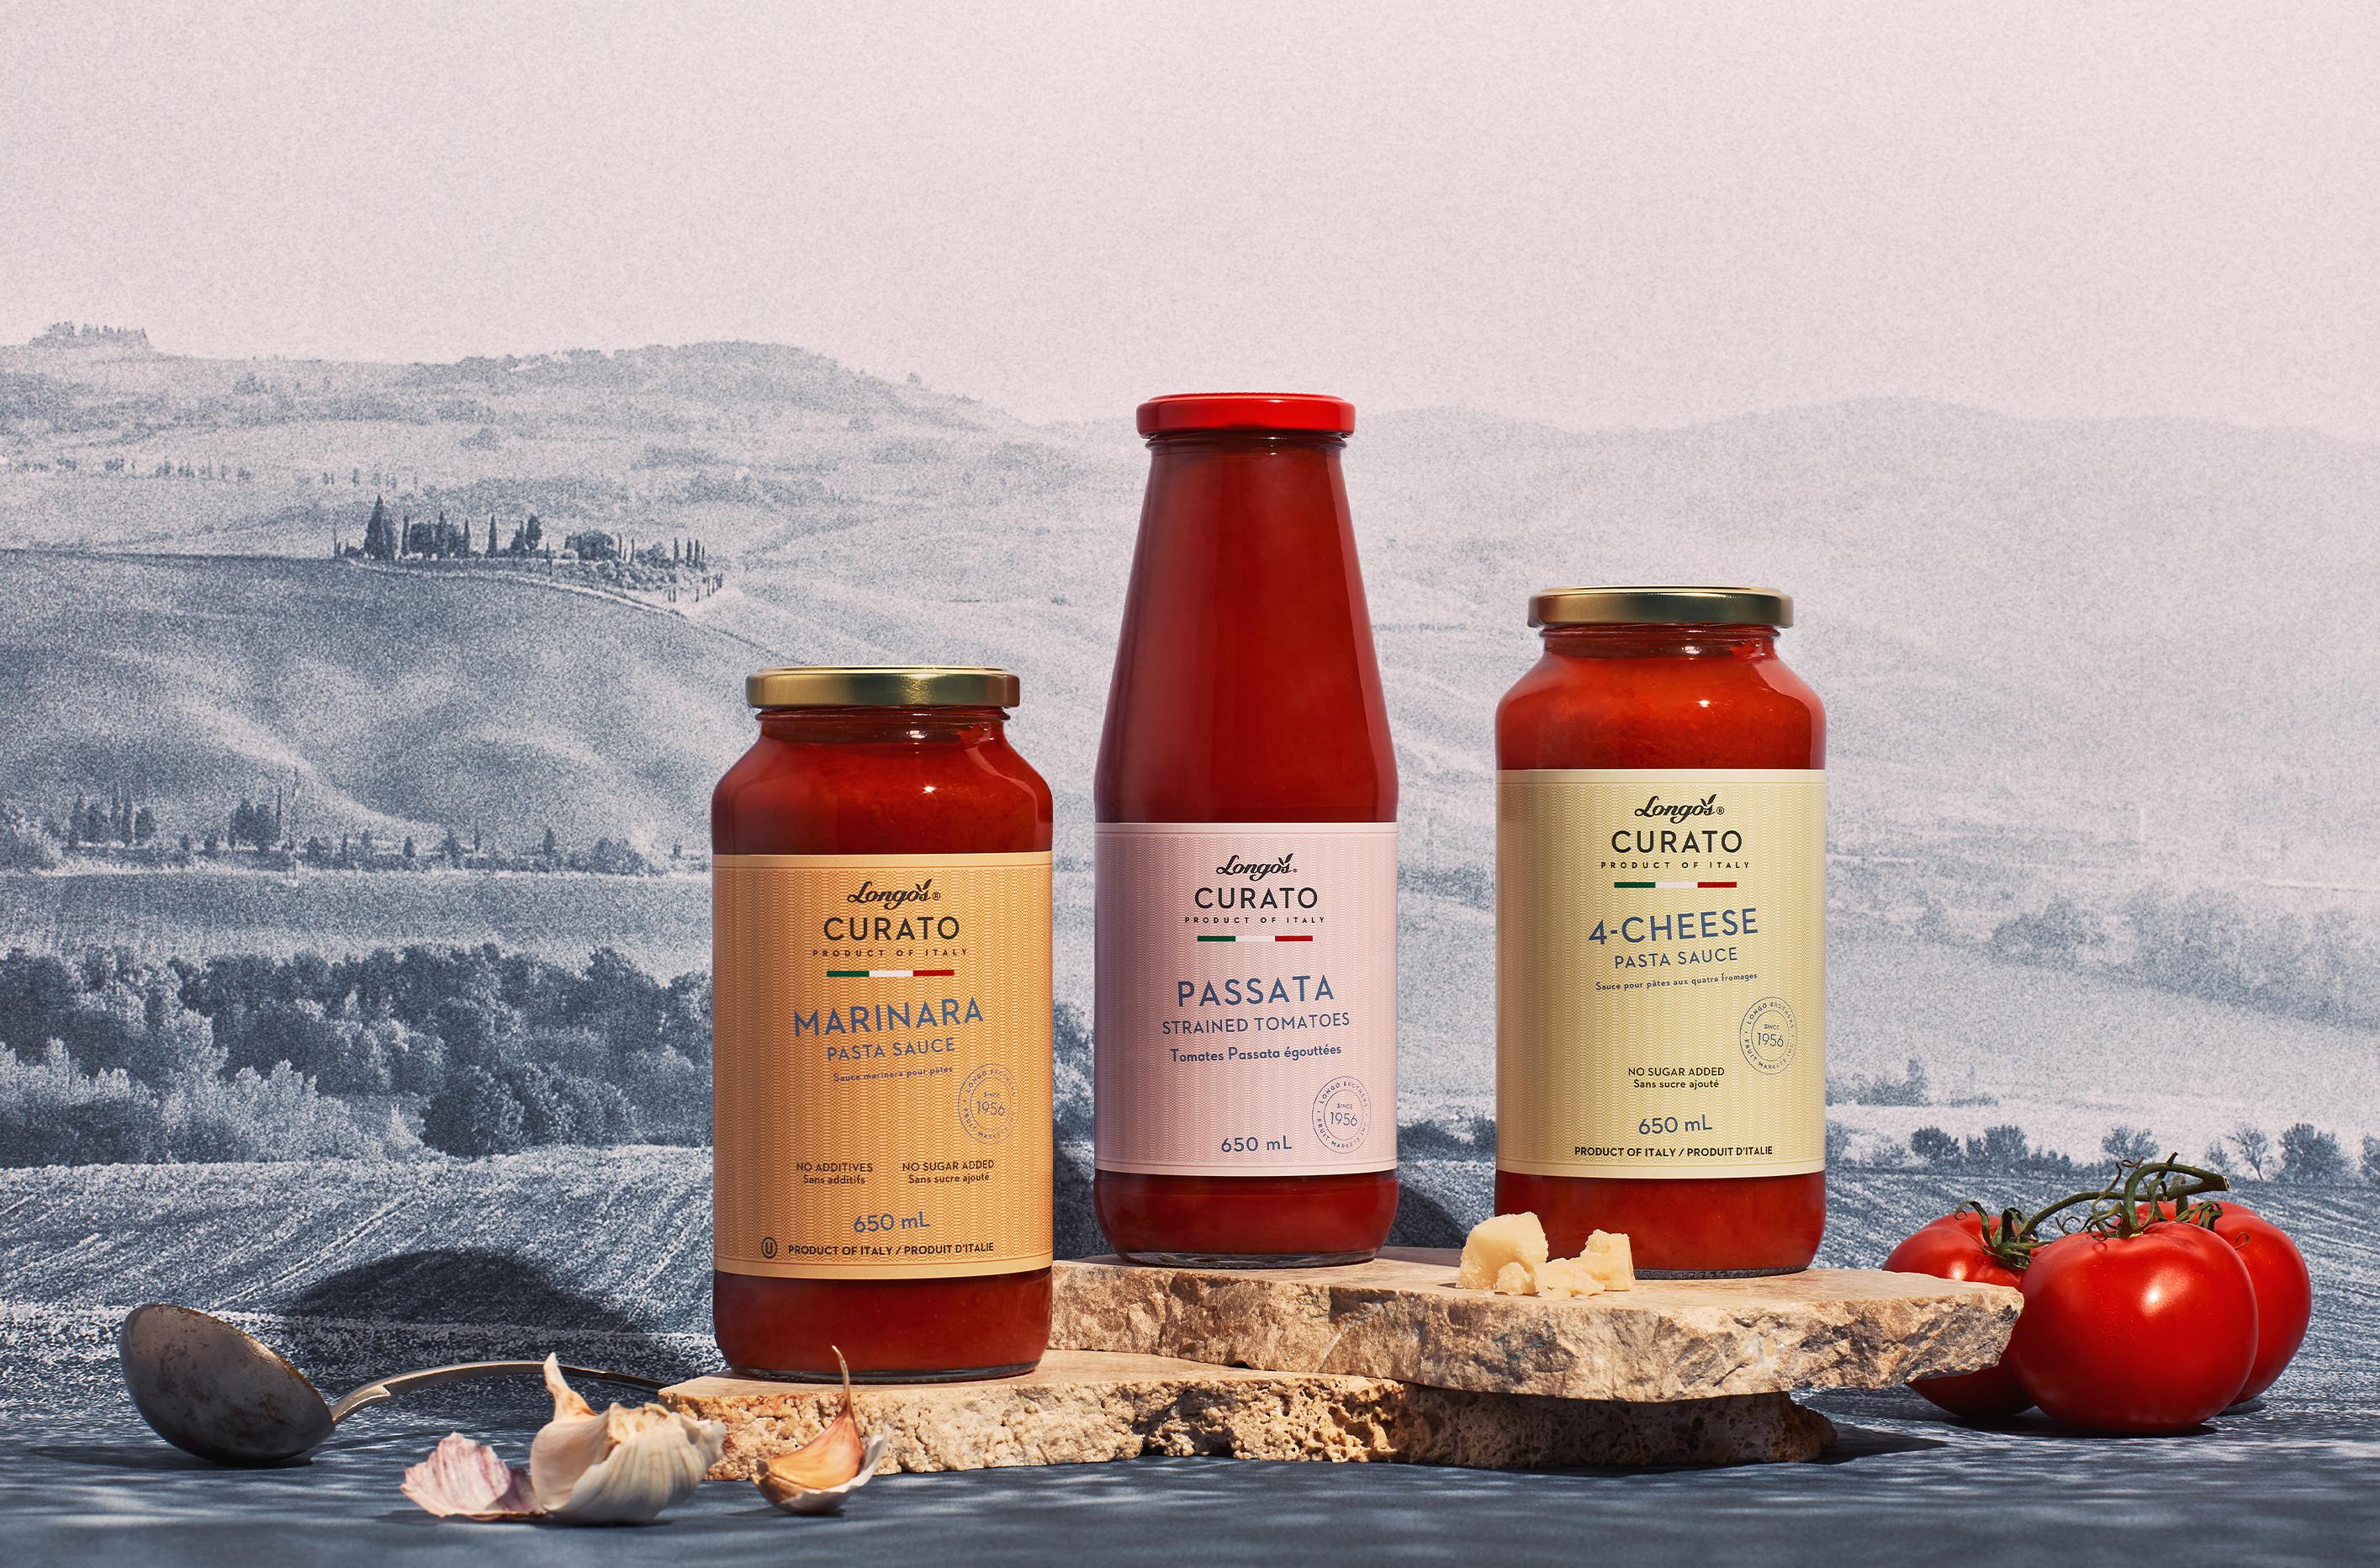 Longo's Curato Tomato Sauces